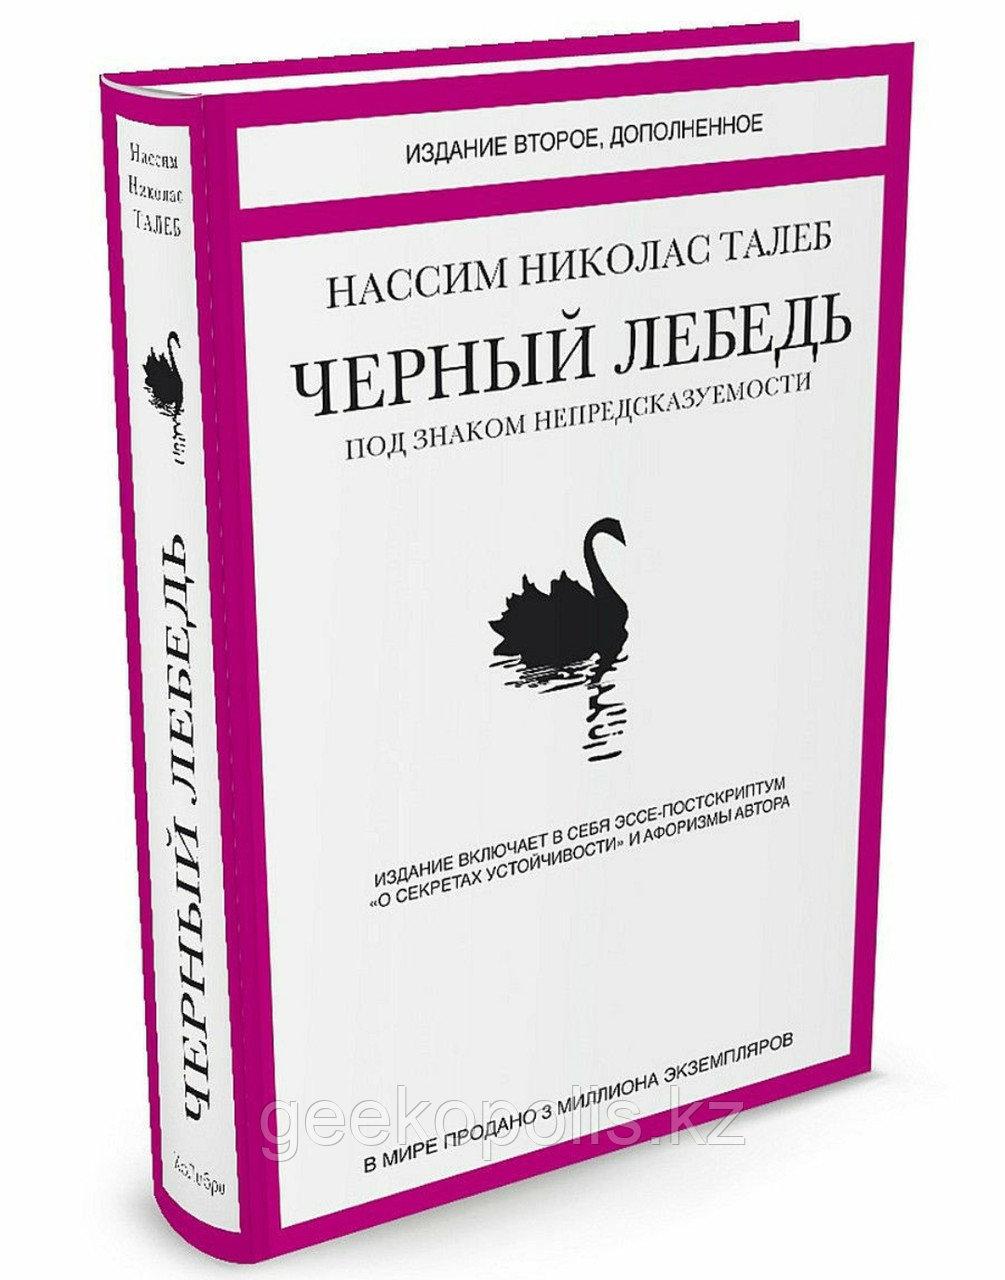 """Книга """"Черный Лебедь"""", Нассим Николас Талеб, Твердый переплет - фото 2"""